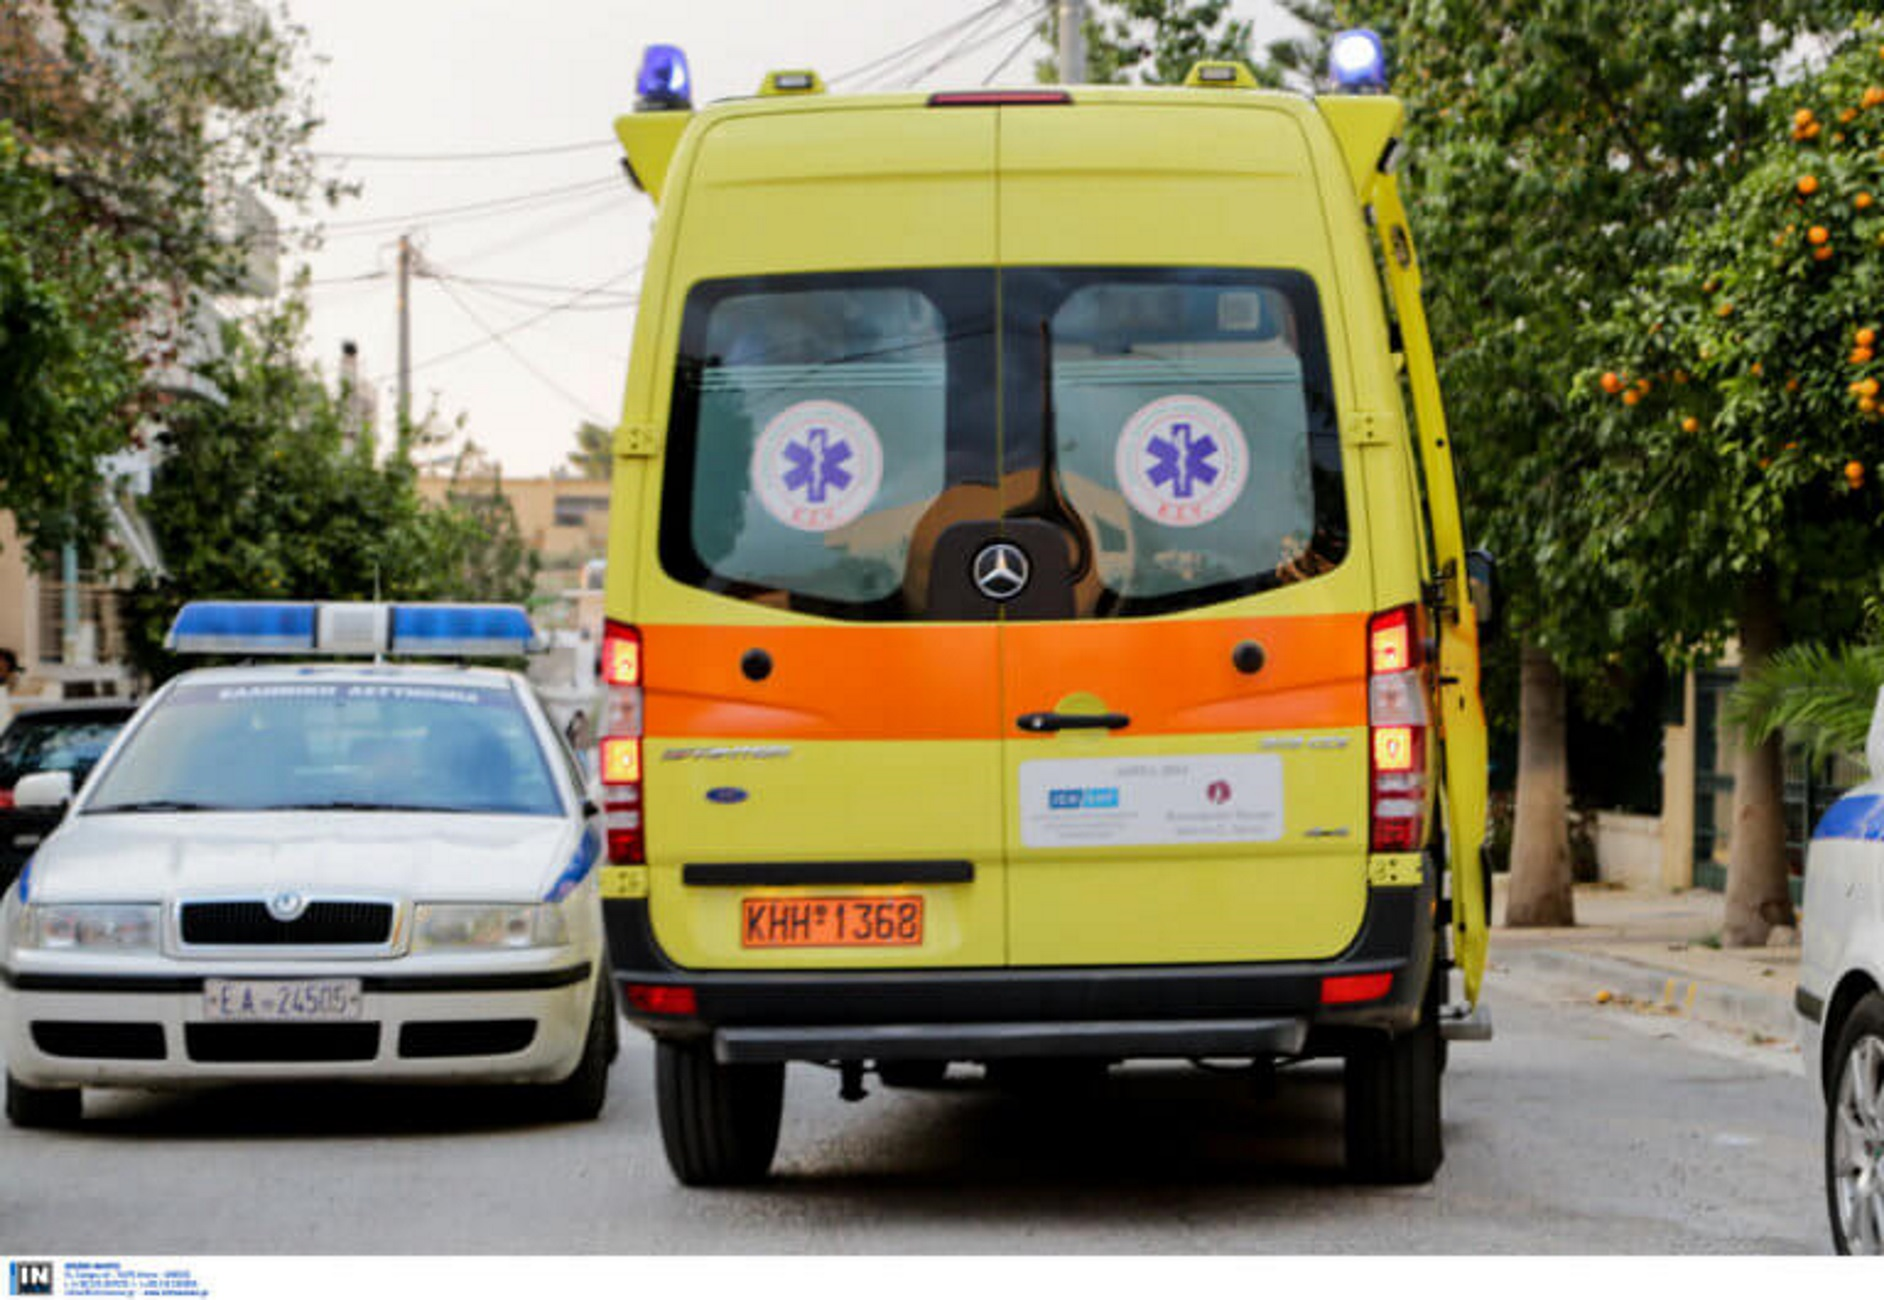 Βοιωτία: Πτώμα άντρα σε αποσύνθεση – Το εντόπισε βοσκός που κάλεσε την αστυνομία!